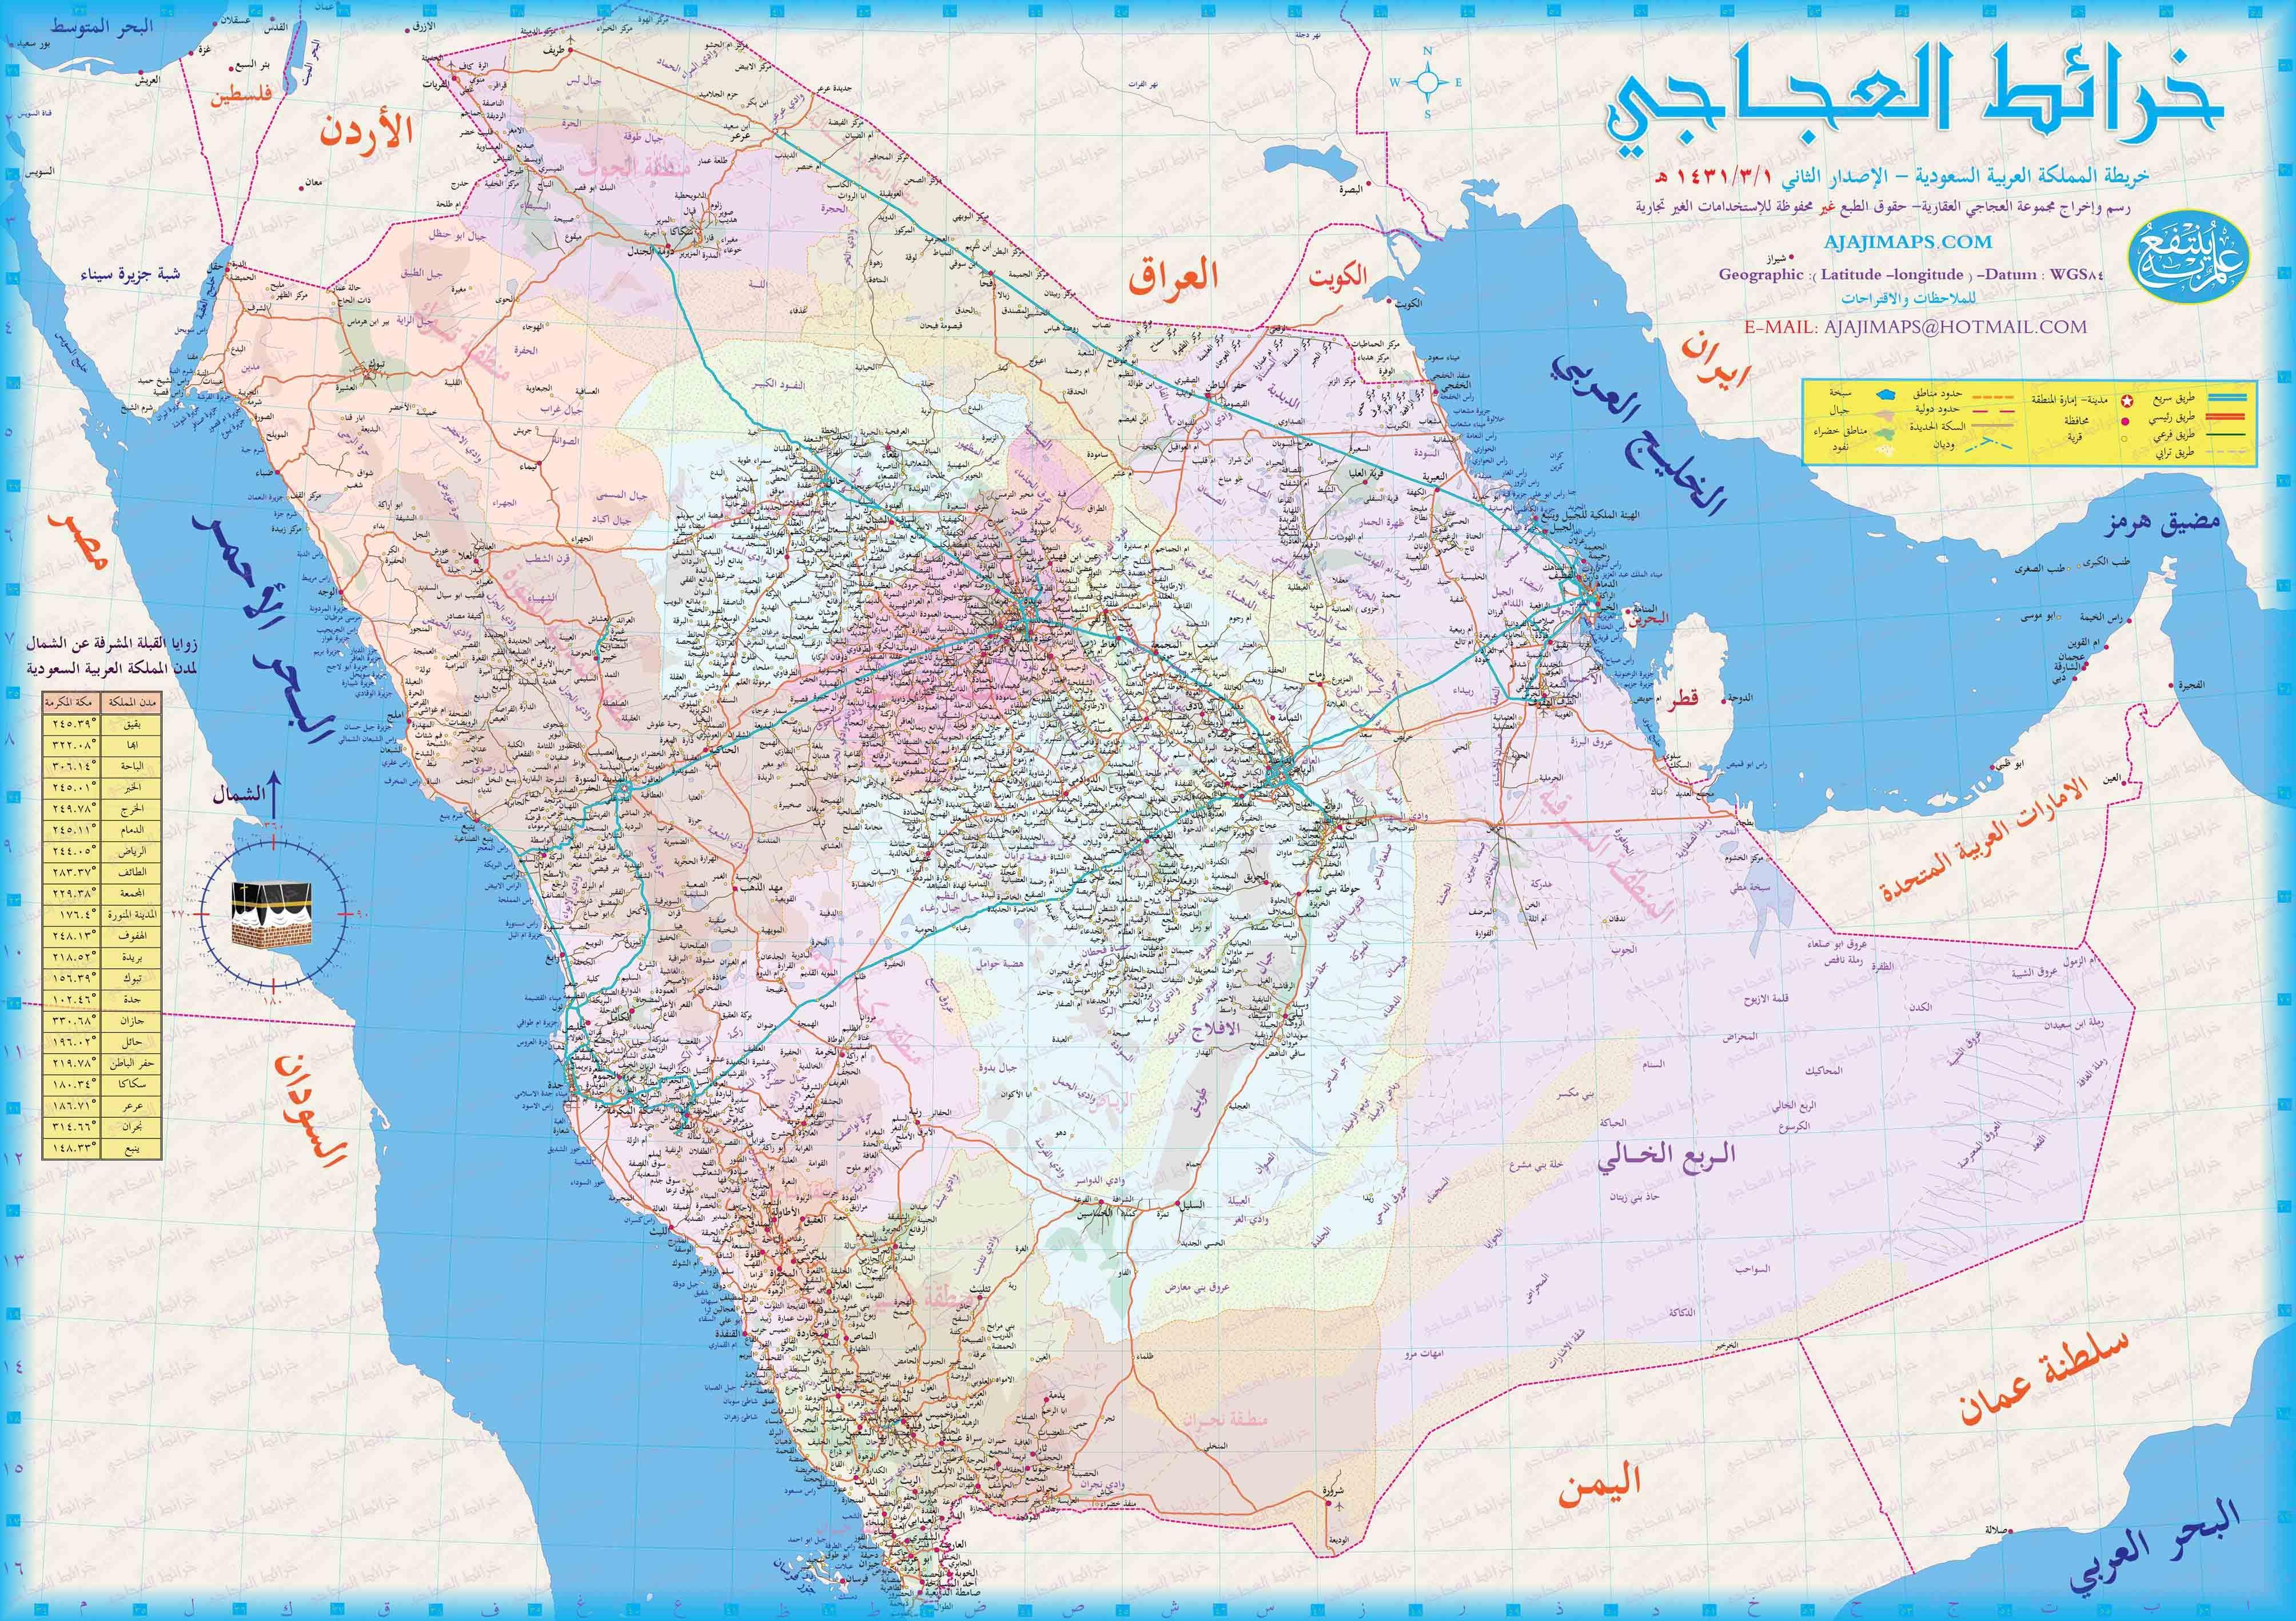 خريطة توضيحية للسعودية